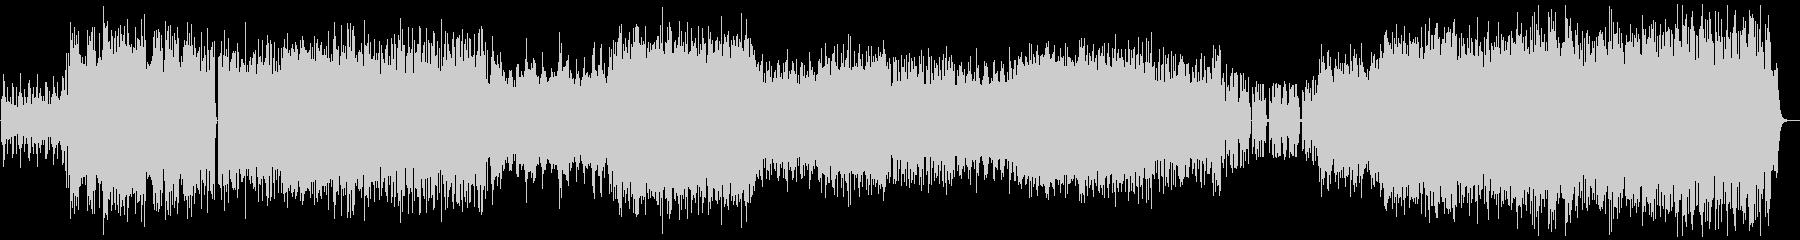 ジャジーなサックスと攻撃的なサウンドの未再生の波形